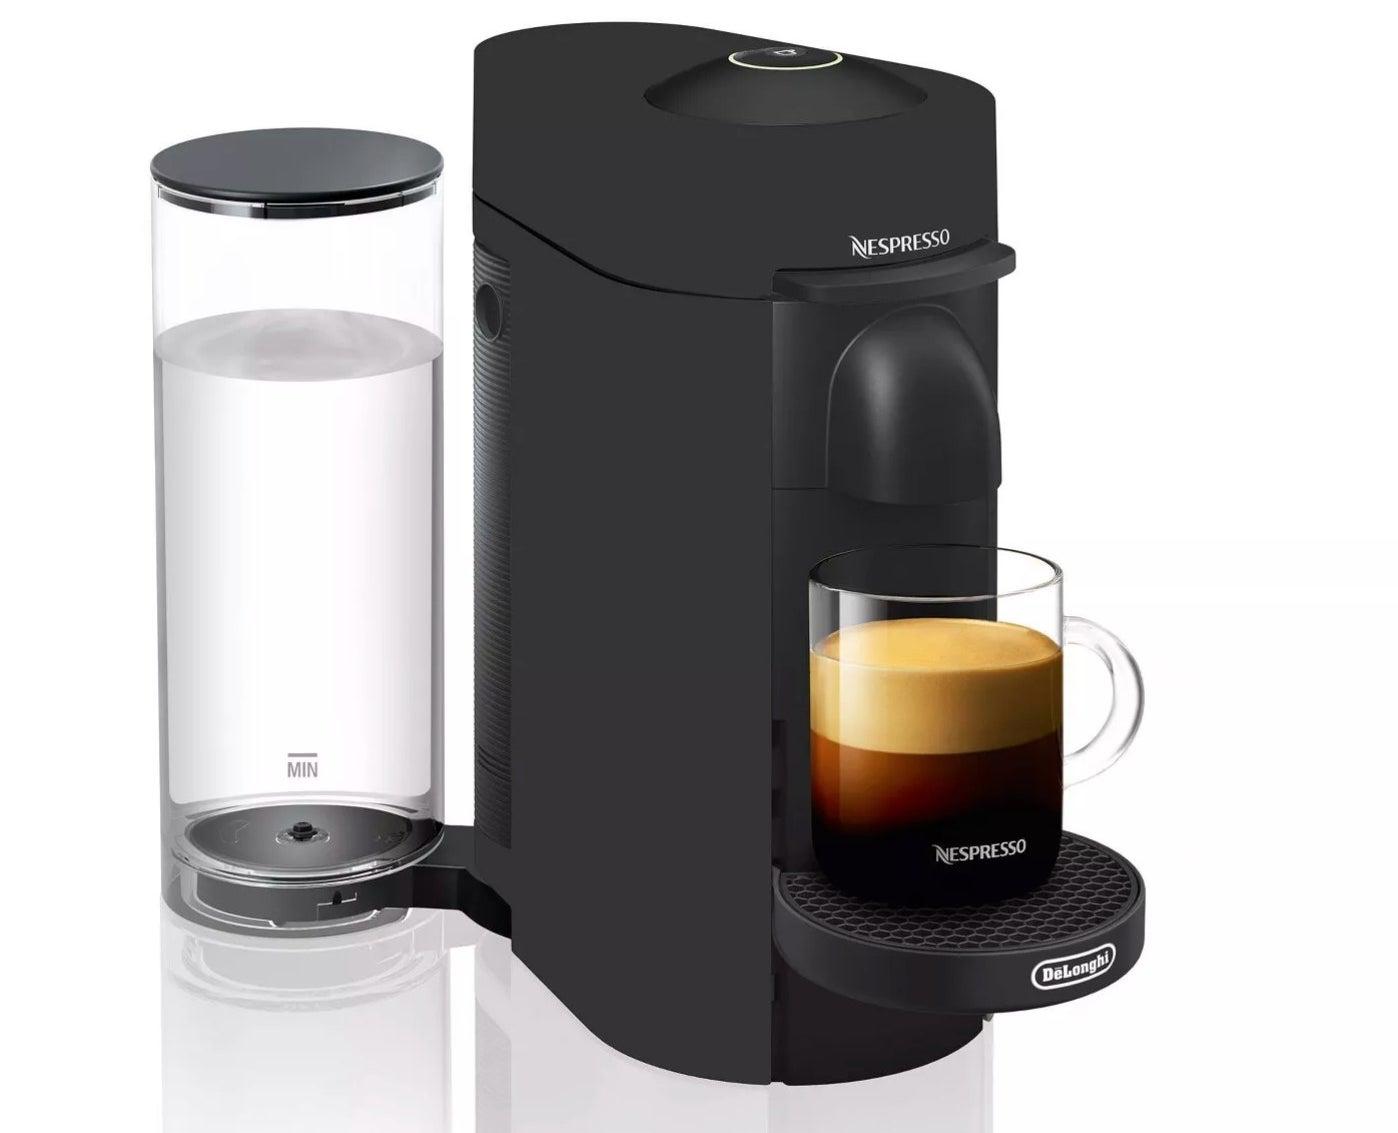 The Nespresso machine